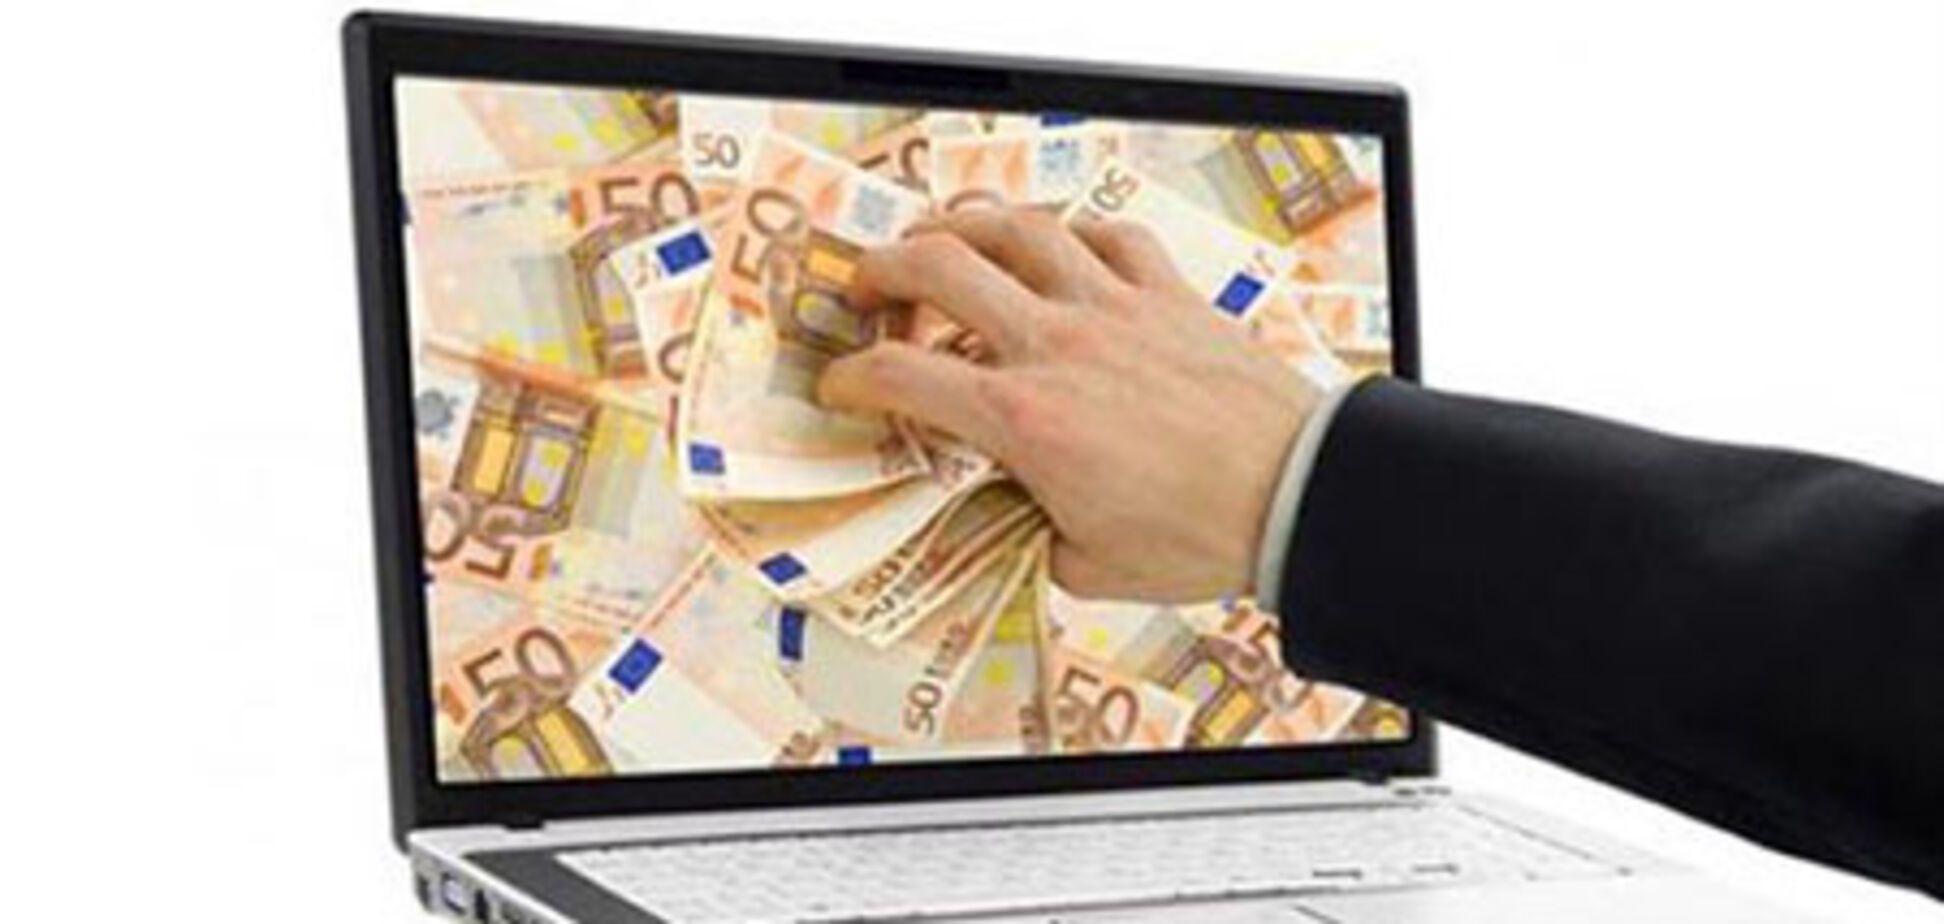 Кредит онлайн: як не заплатити більше